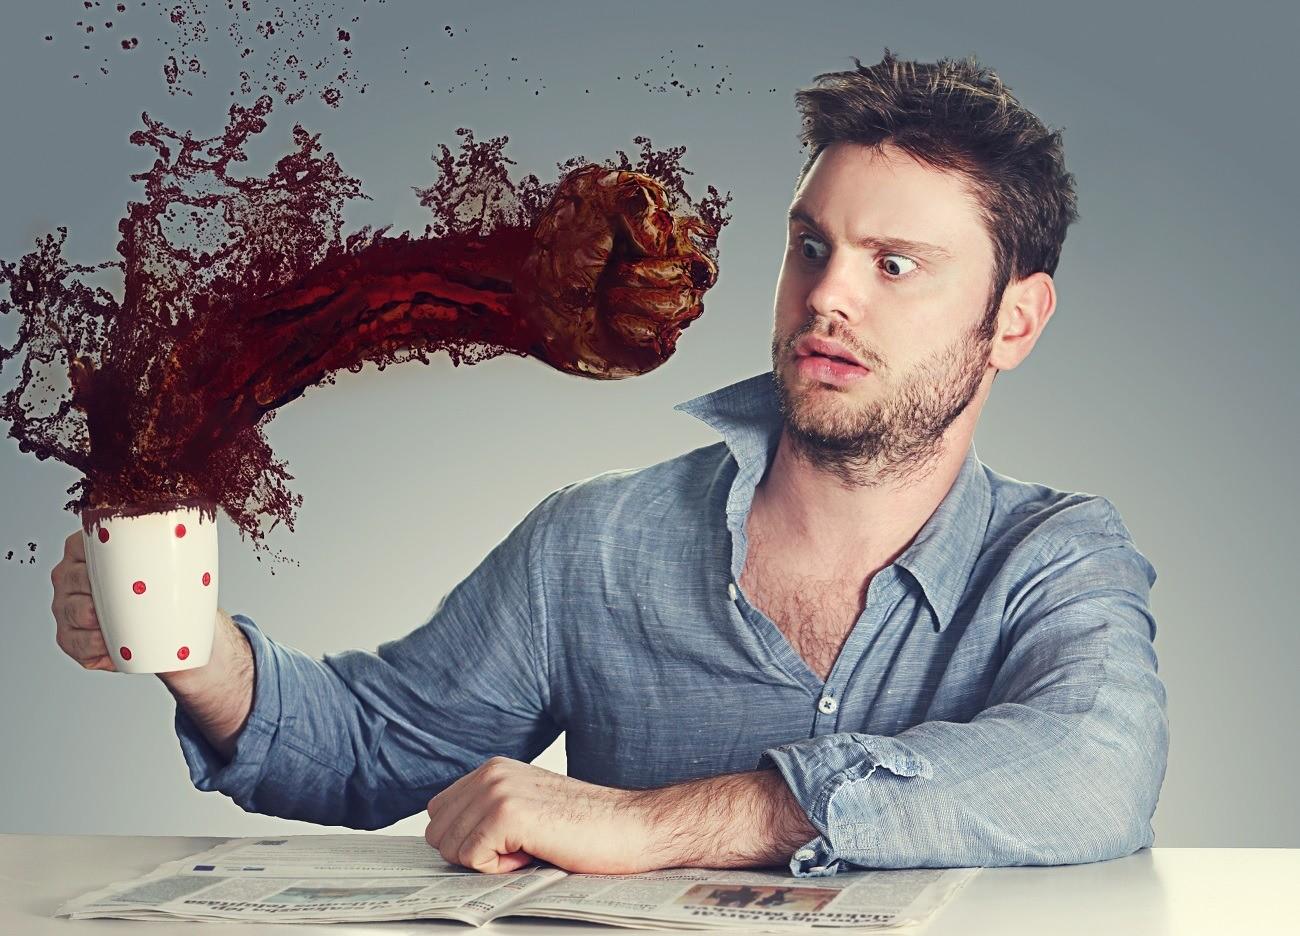 Чашка кофе фантастически ударяет кулаком мужчину